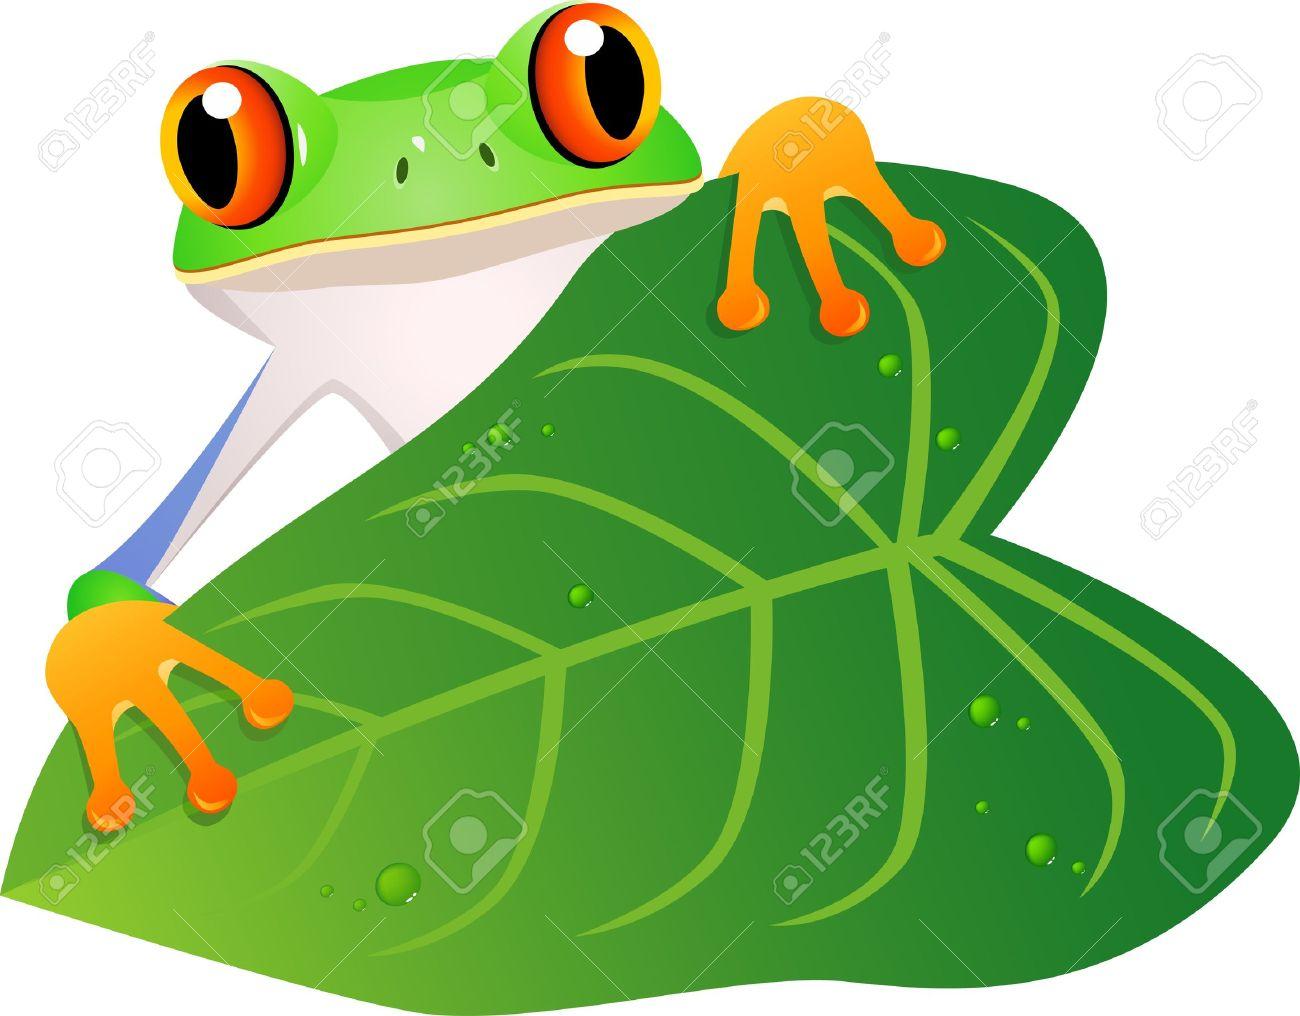 Frog cartoon Stock Vector - 12150912